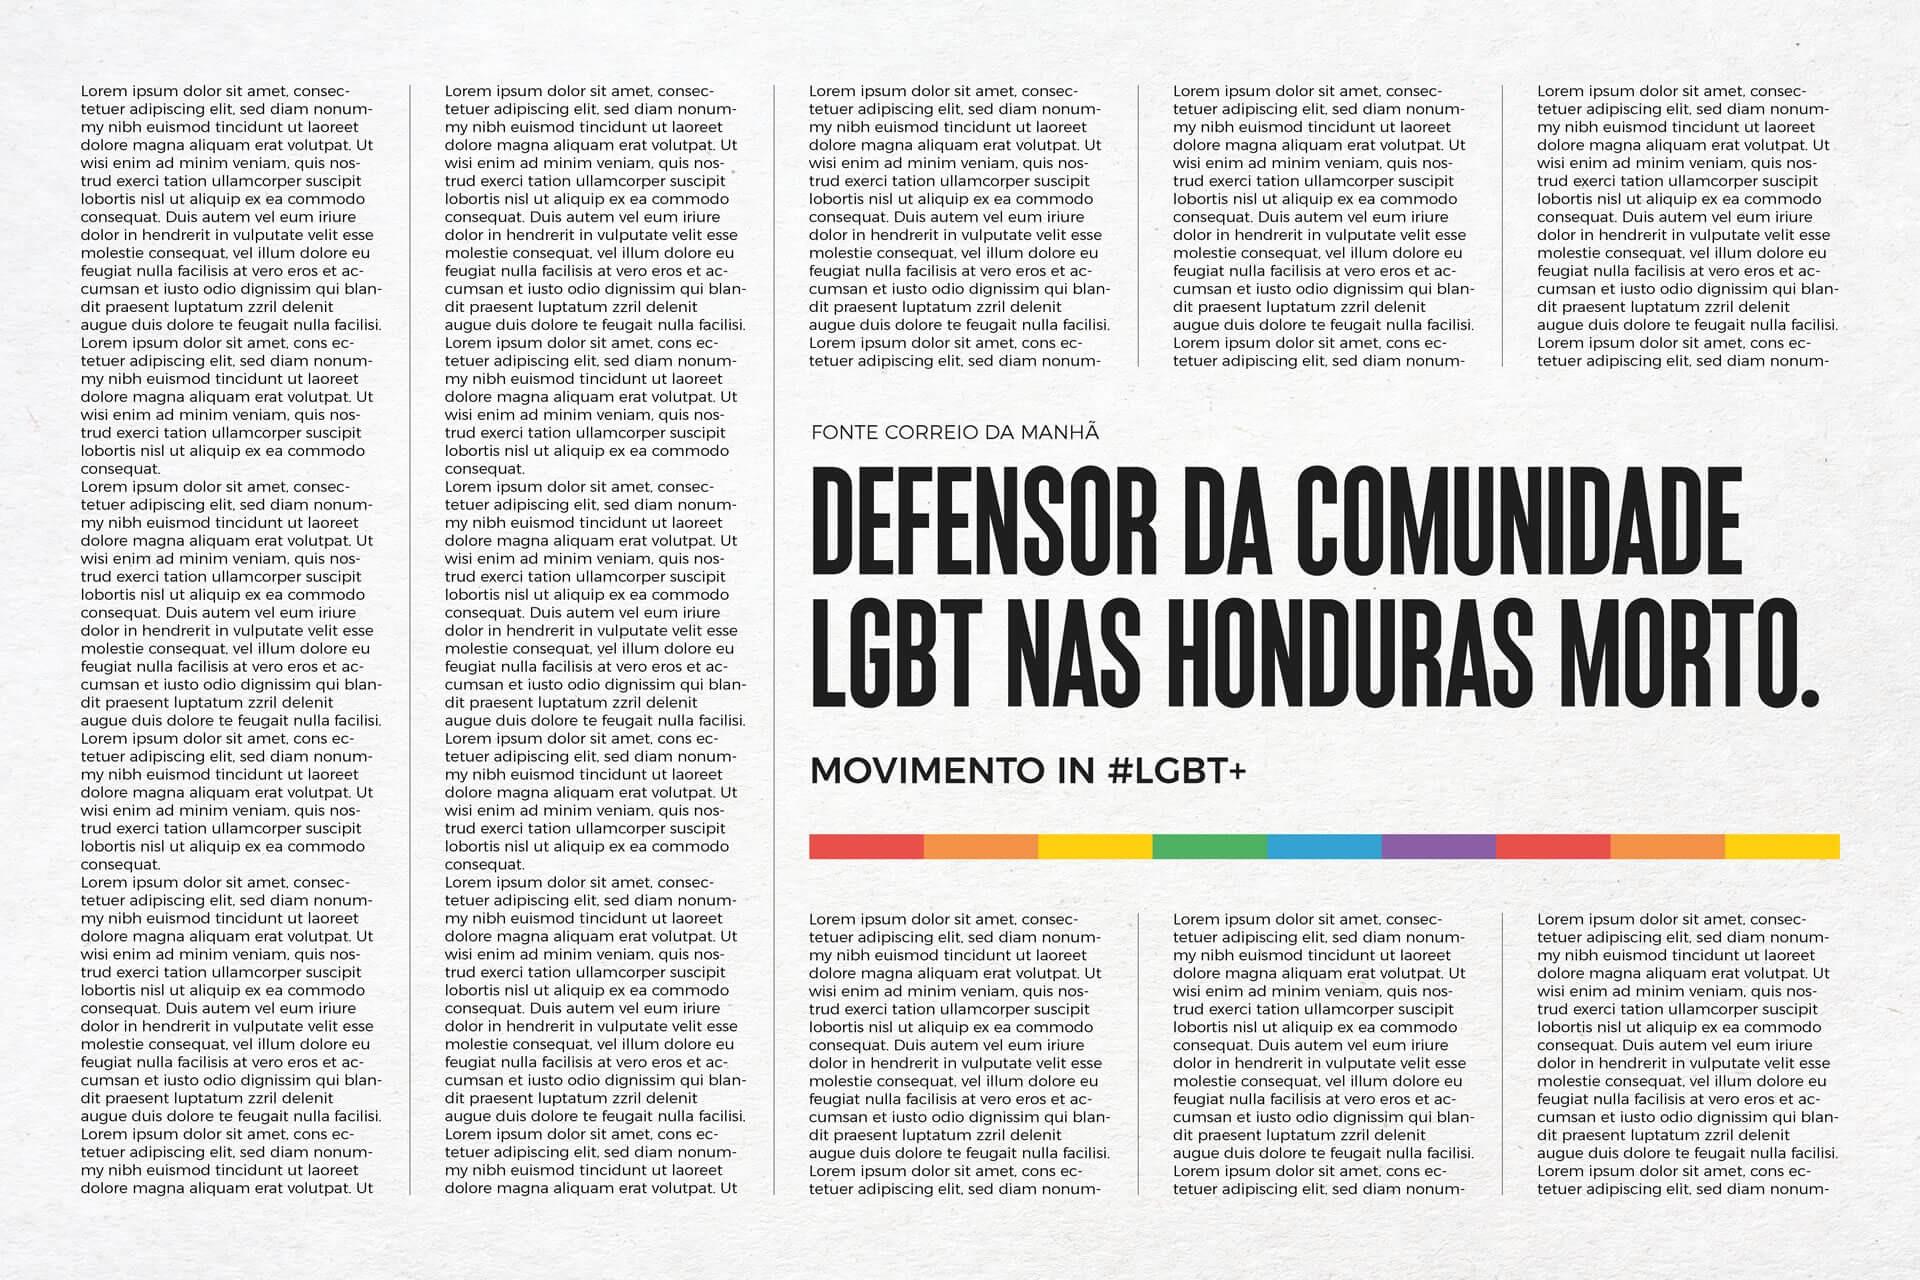 JUNTOS PELA INCLUSÃO!